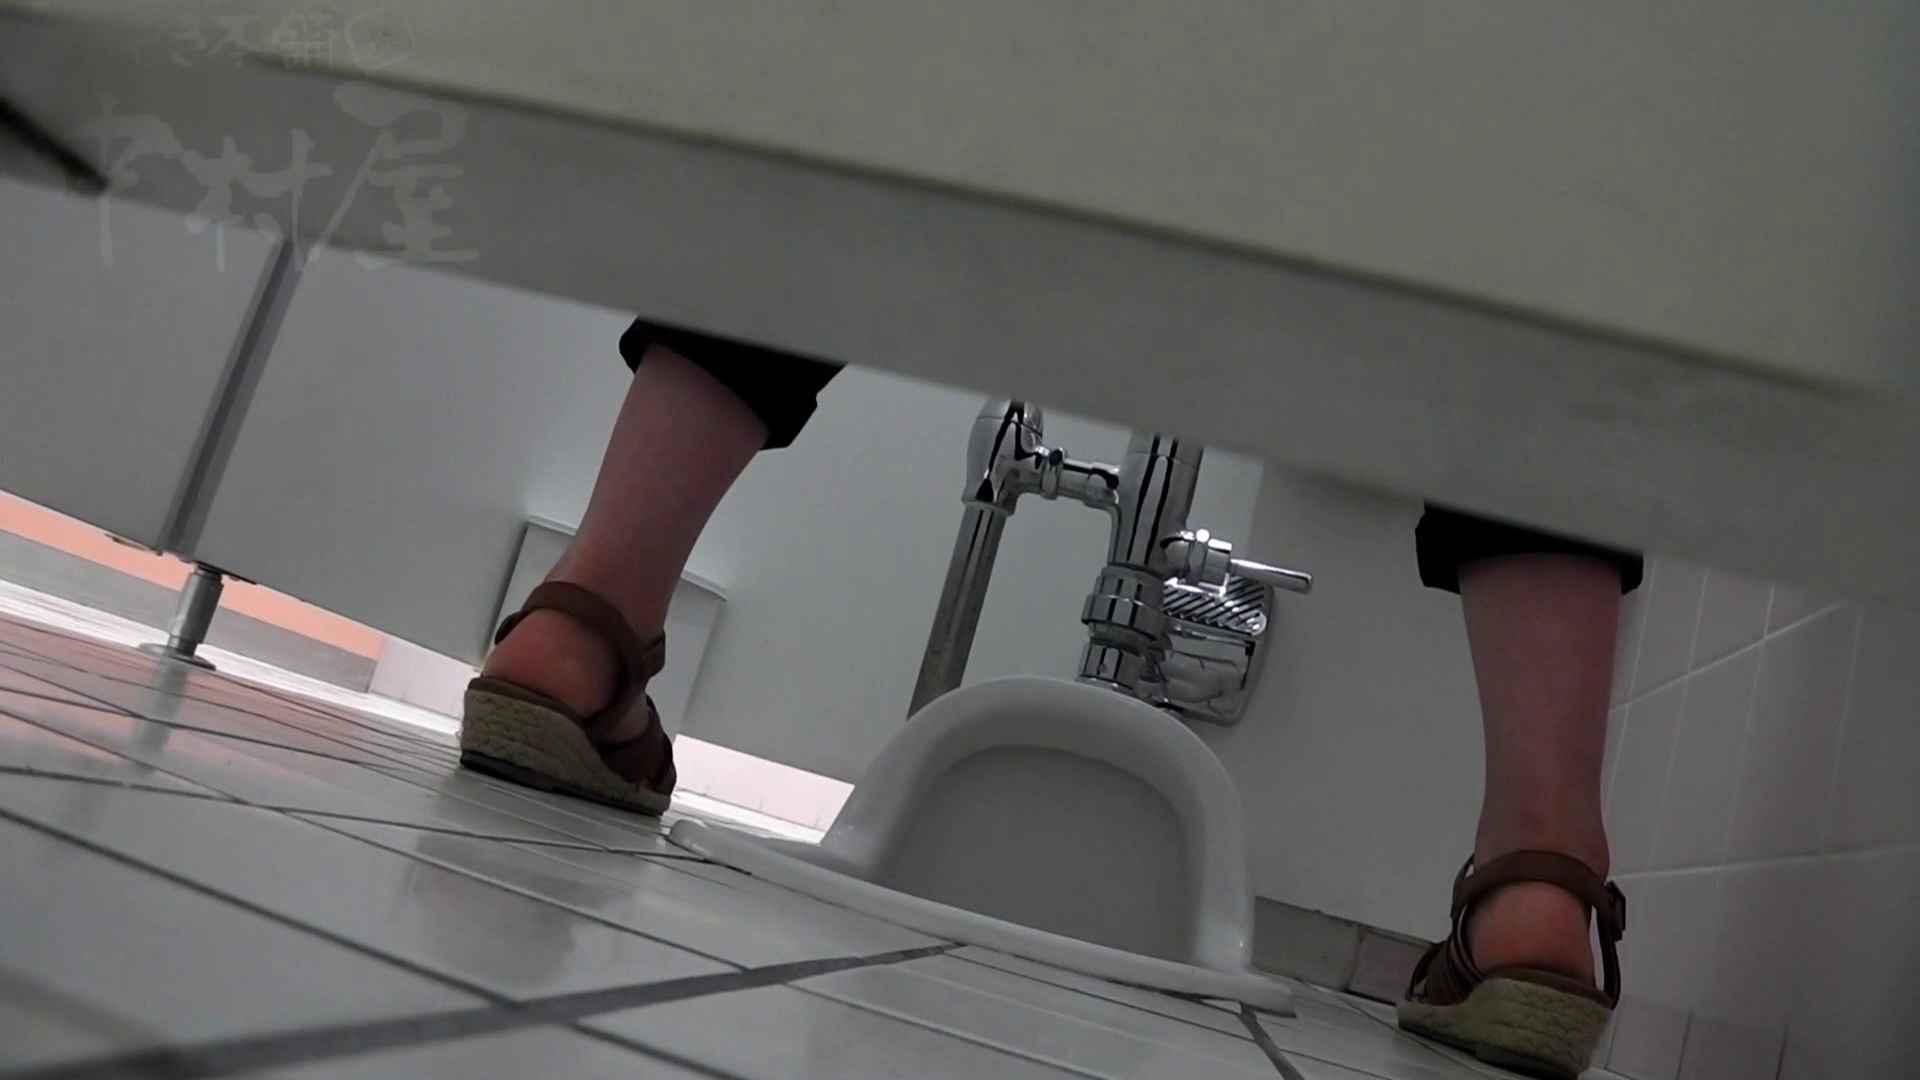 無修正エロ動画:美しい日本の未来 No.10 スカしたSっ気たっぷりの美女がXLな大を・・・。:のぞき本舗 中村屋